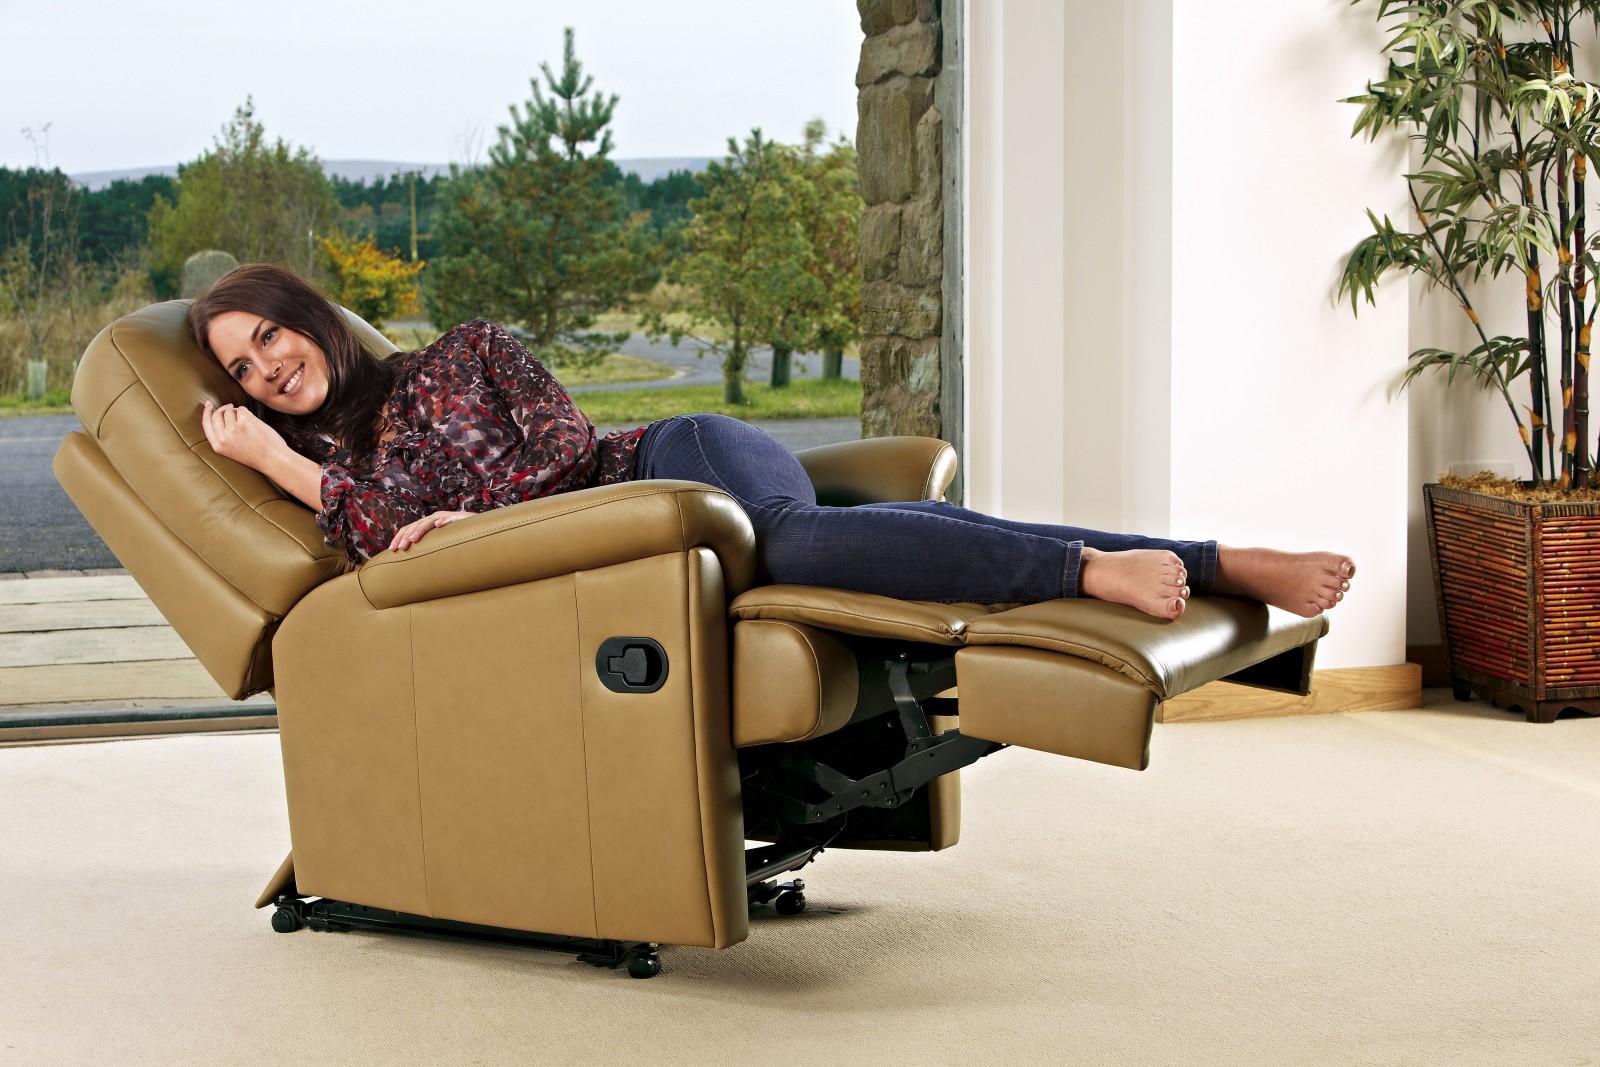 Massage sex chair